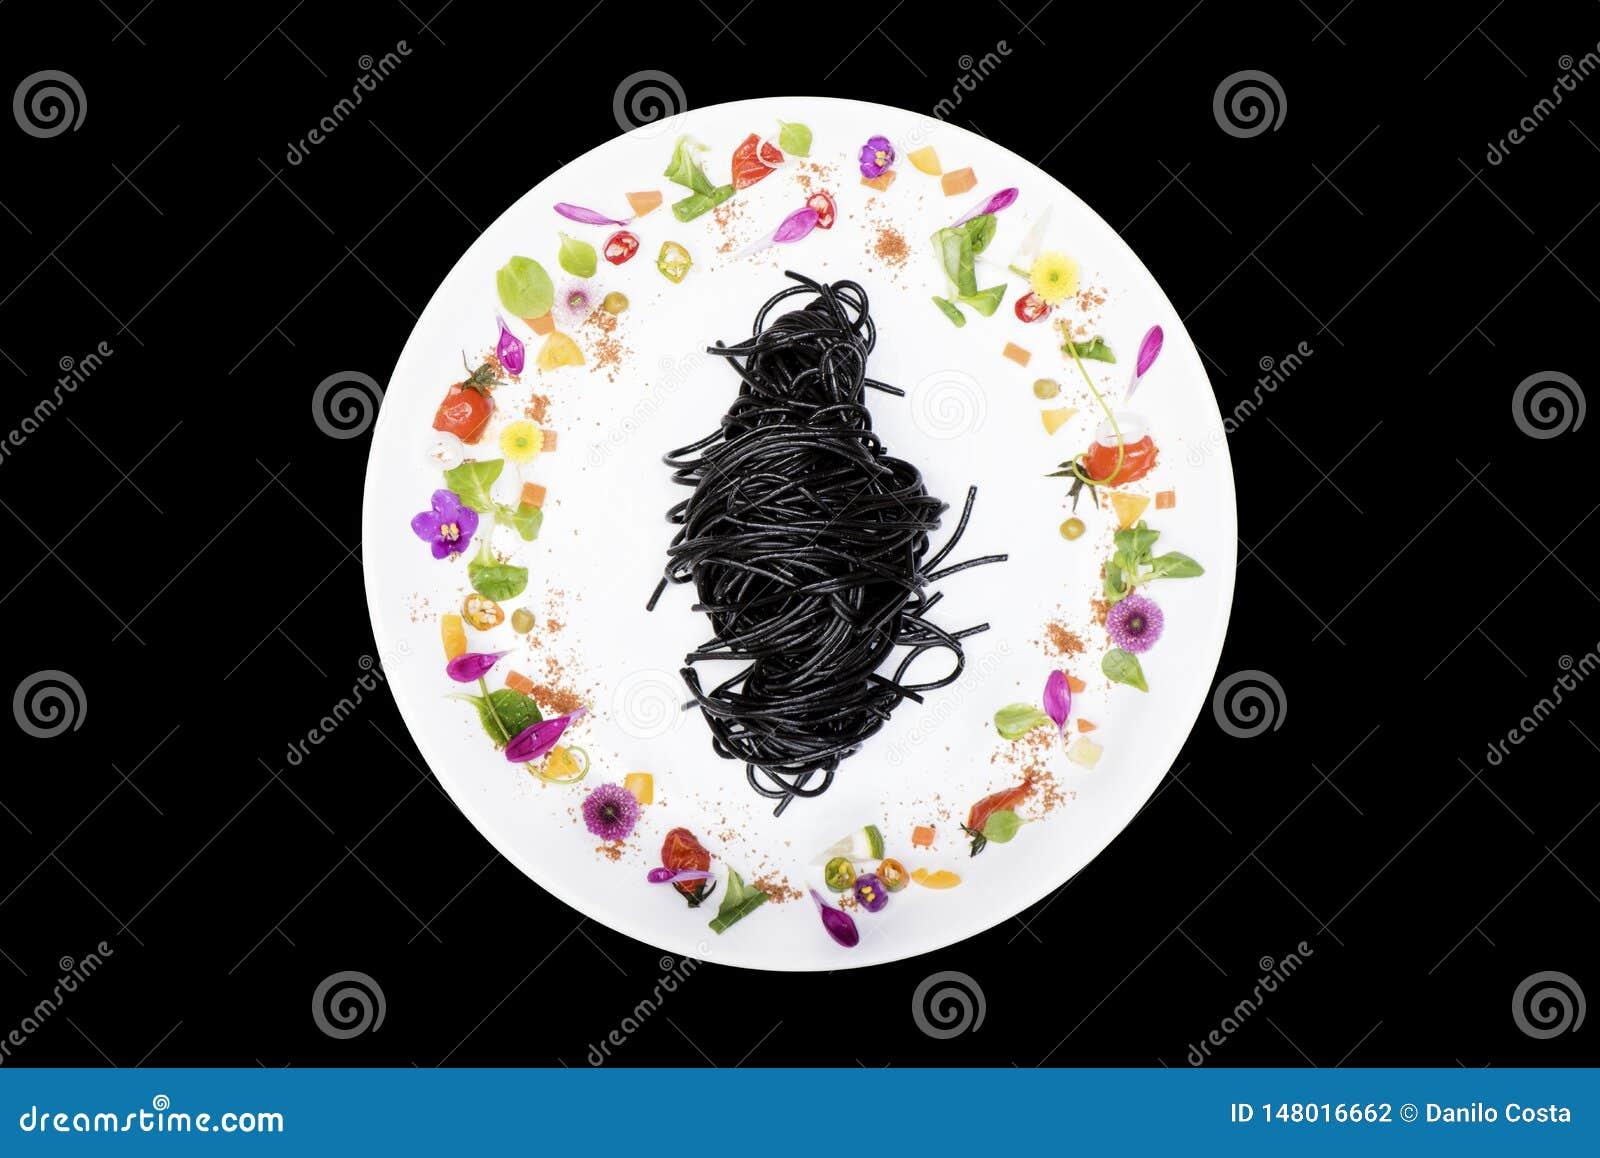 Espaguetis negros del calamar en placa con la decoración de la flor en fondo negro